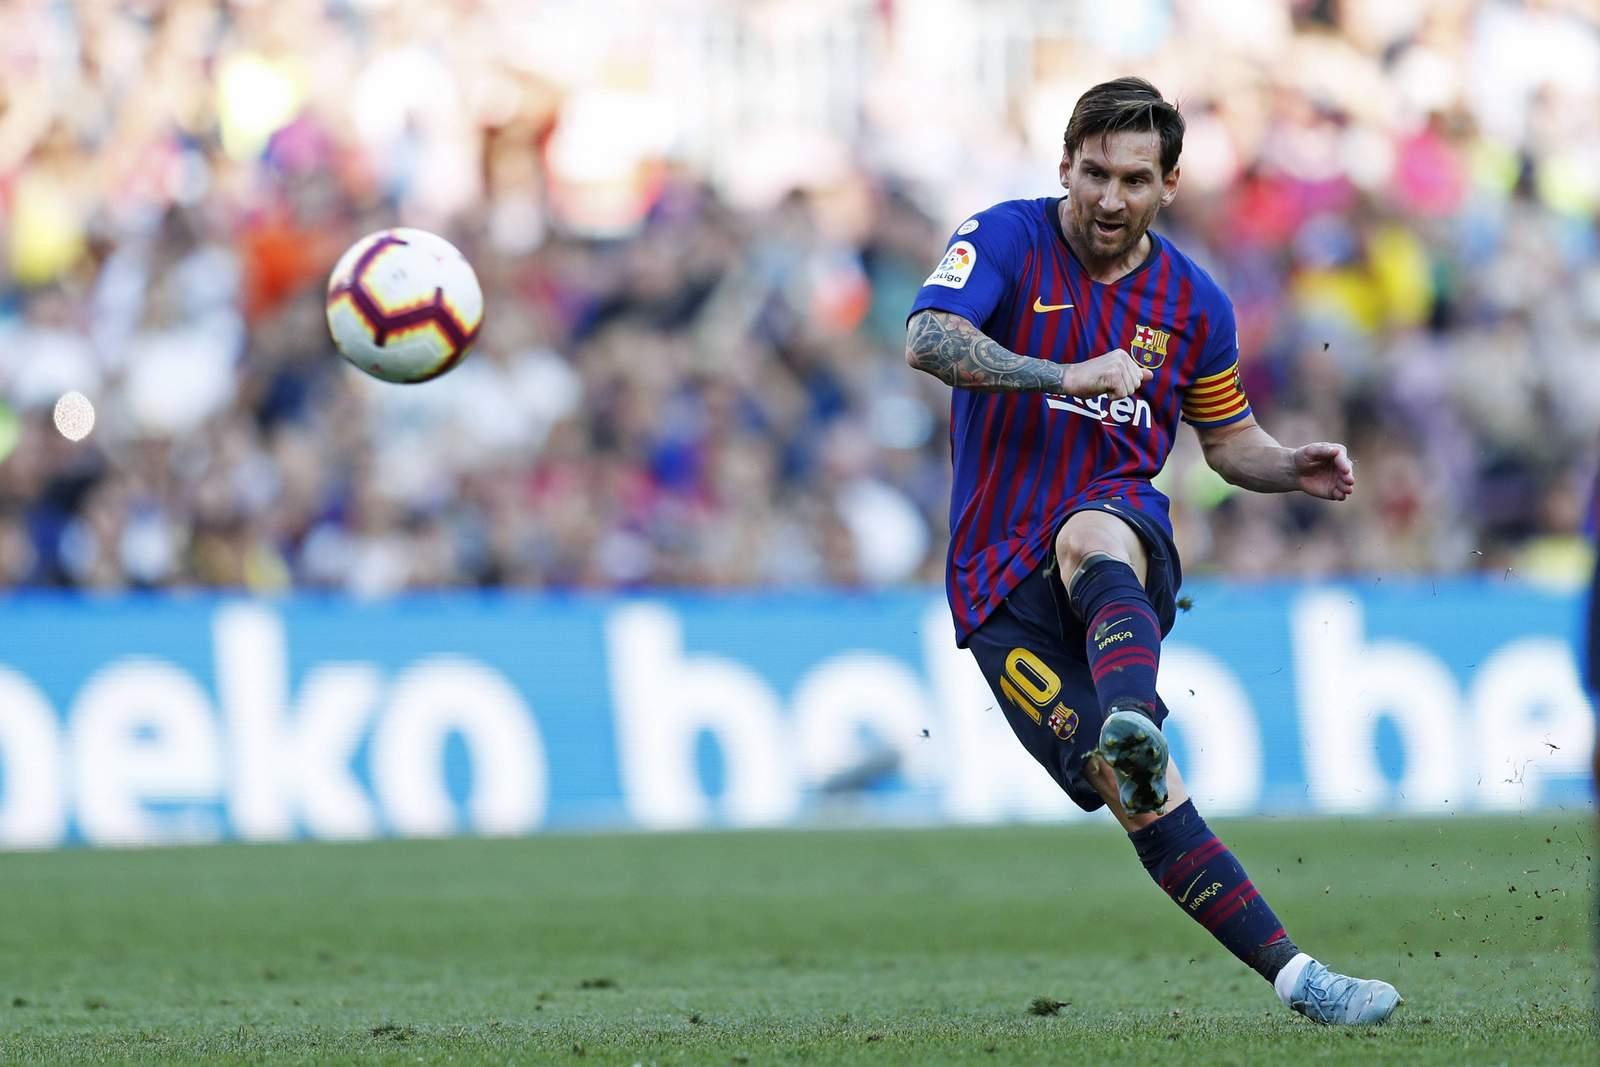 Trifft Messi wieder per Freistoß? Jetzt auf Lyon gegen Barcelona wetten